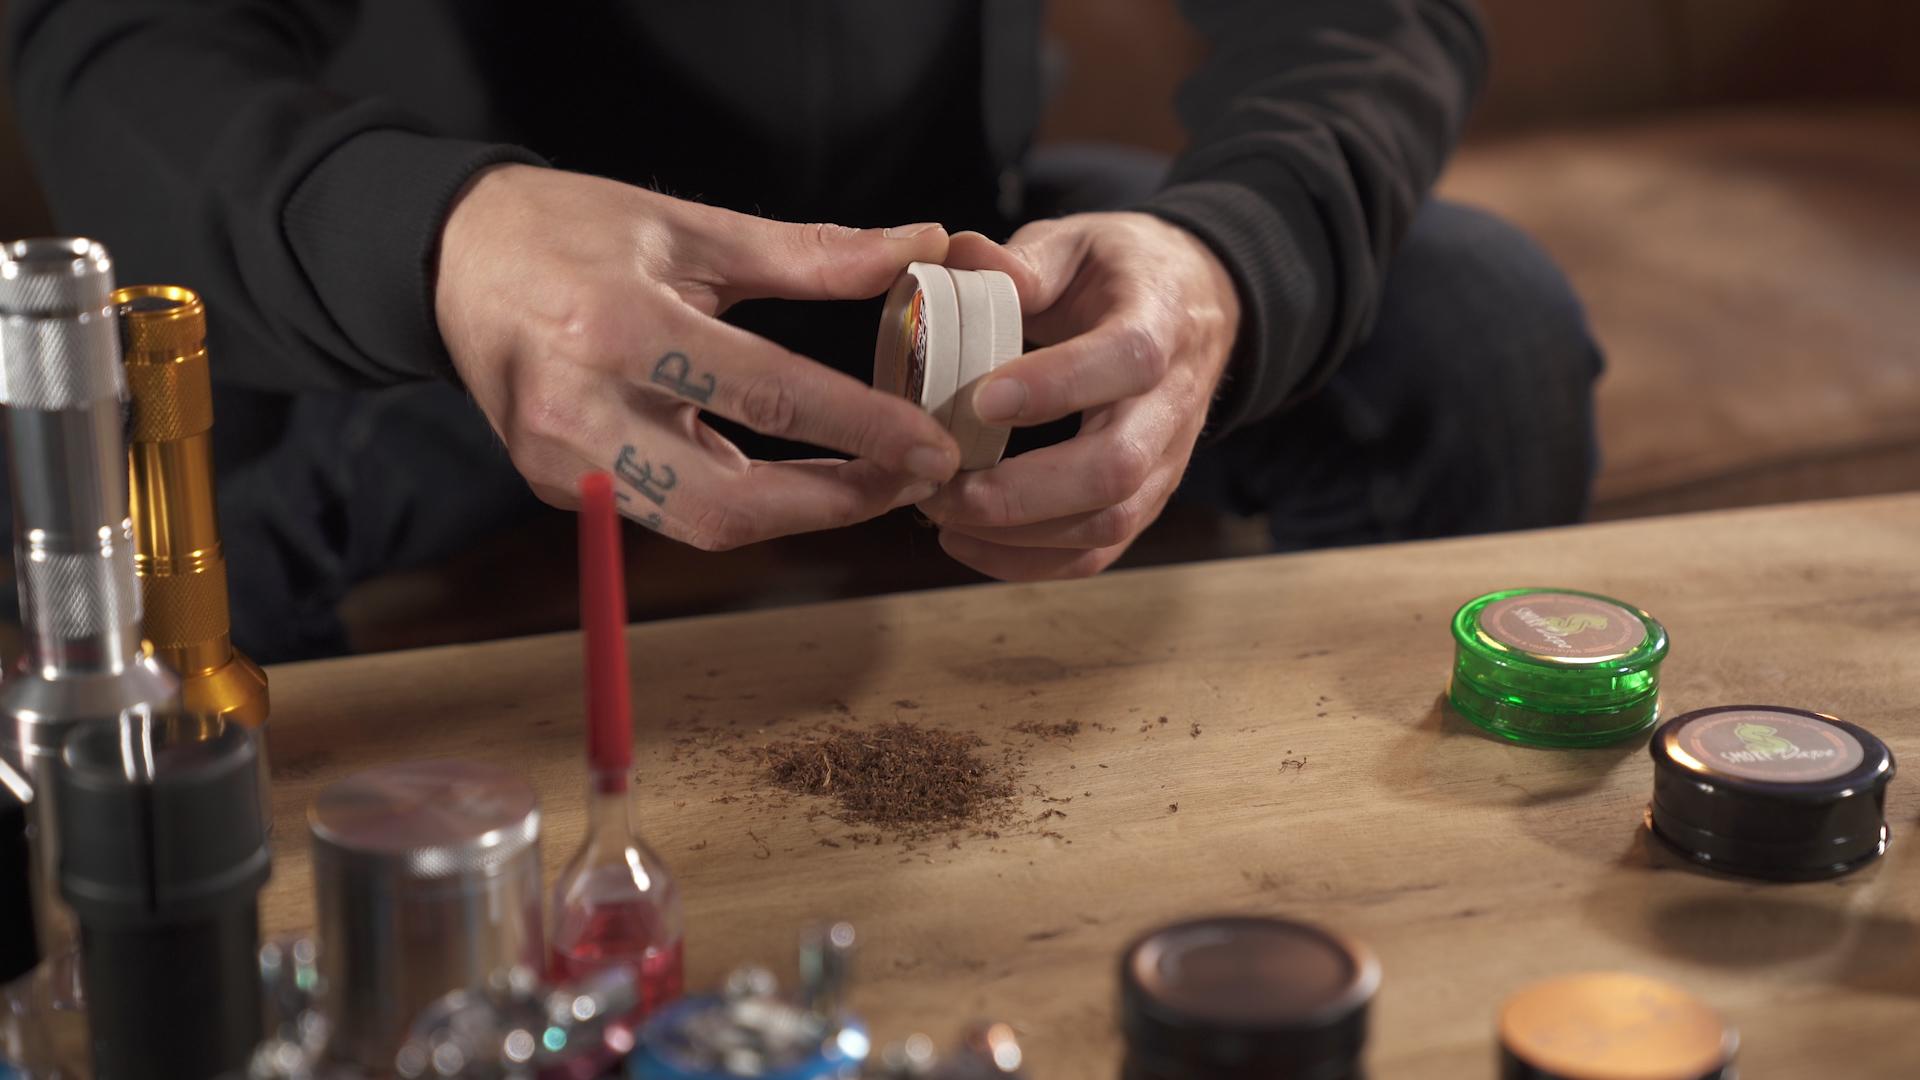 grinder 2 parties